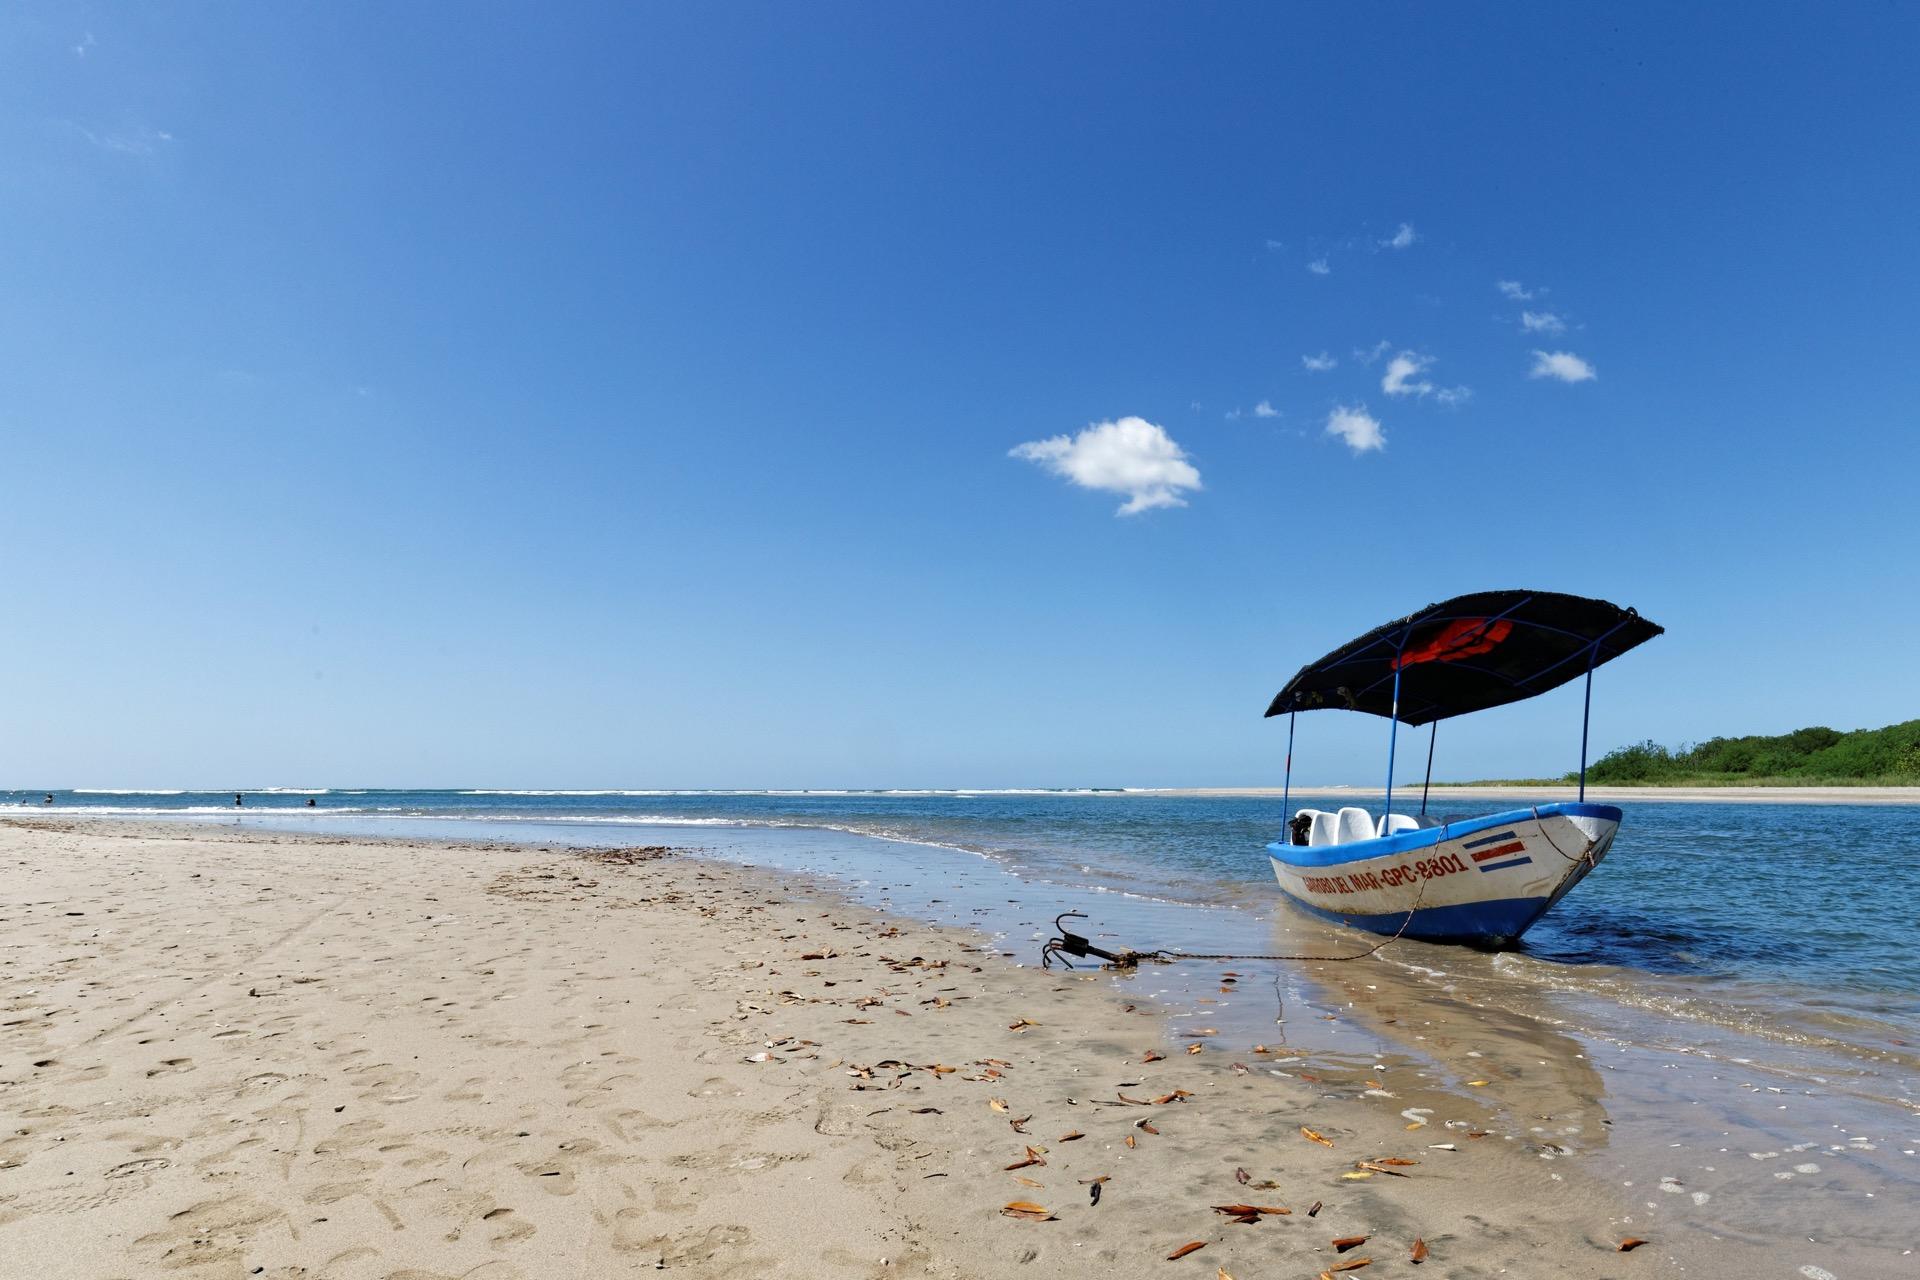 Panga next to the Tamarindo estuary